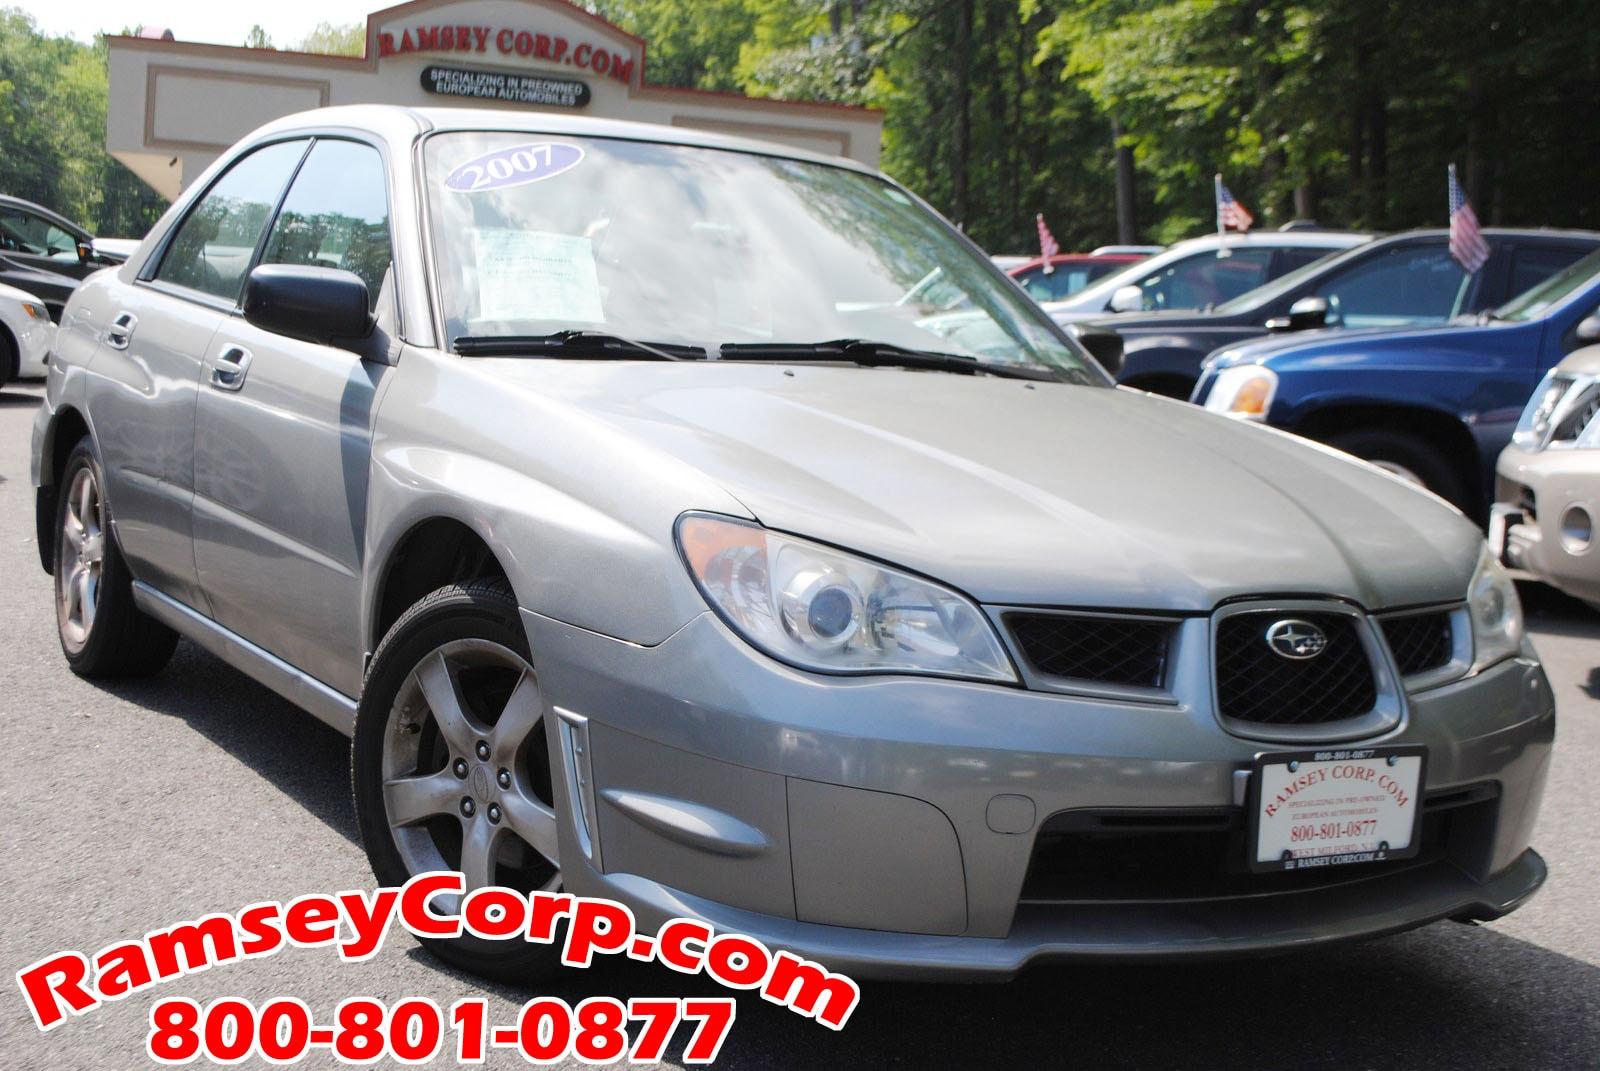 used 2007 subaru impreza for sale west milford nj rh ramseycorp com 2007 Subaru Impreza WRX STI 2007 Subaru Impreza 2.5I Mods